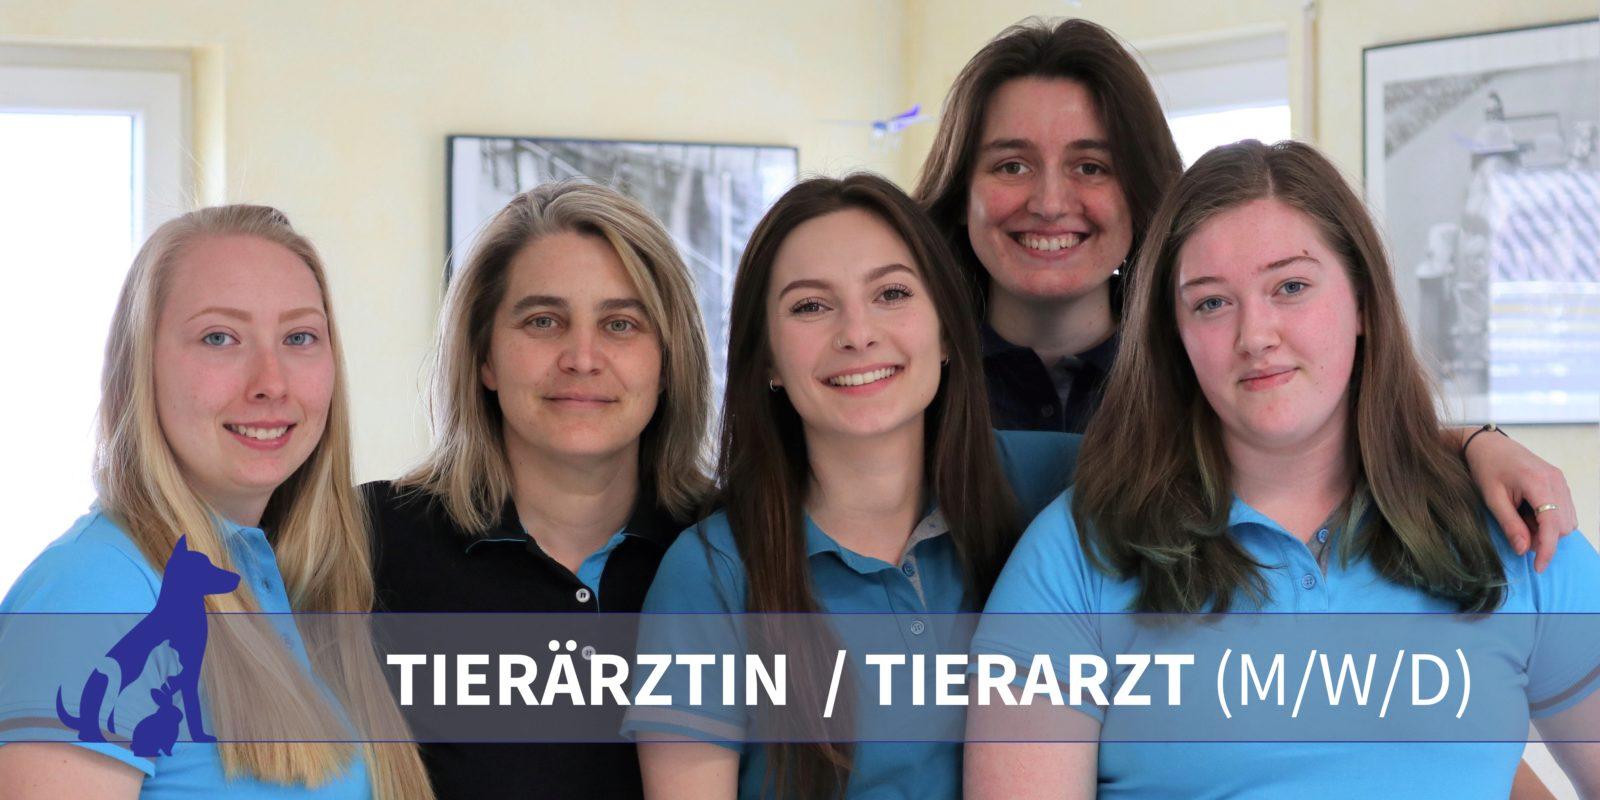 Fachtierarztpraxis für Kleintiere Neuwied - Tierarzt - gerne auch Berufsanfänger (m/w/d) in Neuwied, Rheinland-Pfalz